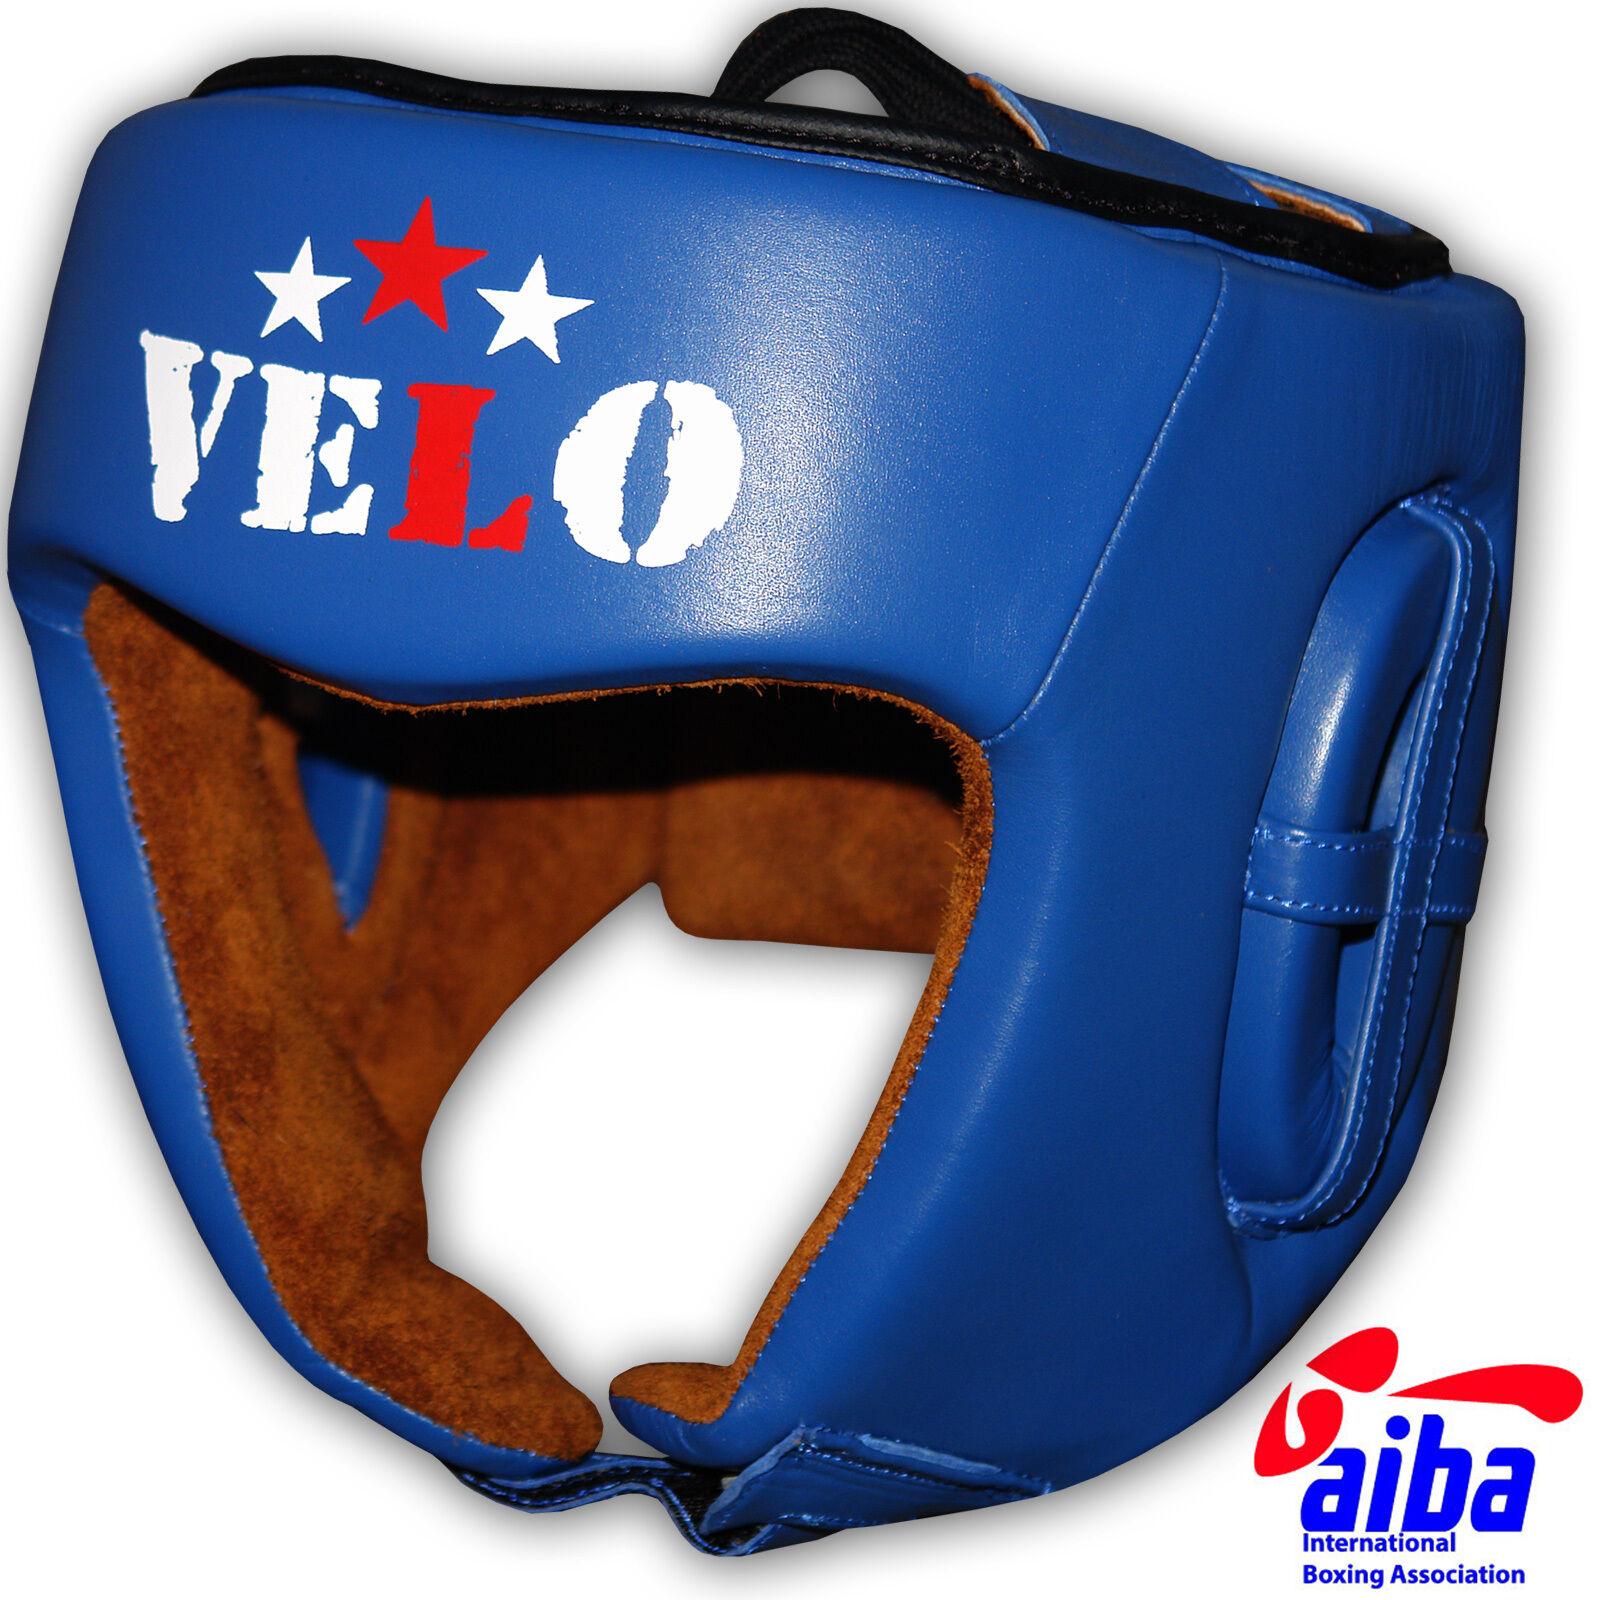 VELO aiba Kopfschutz offiziell Pro Leder Boxen Kopf Schutzausrüstung